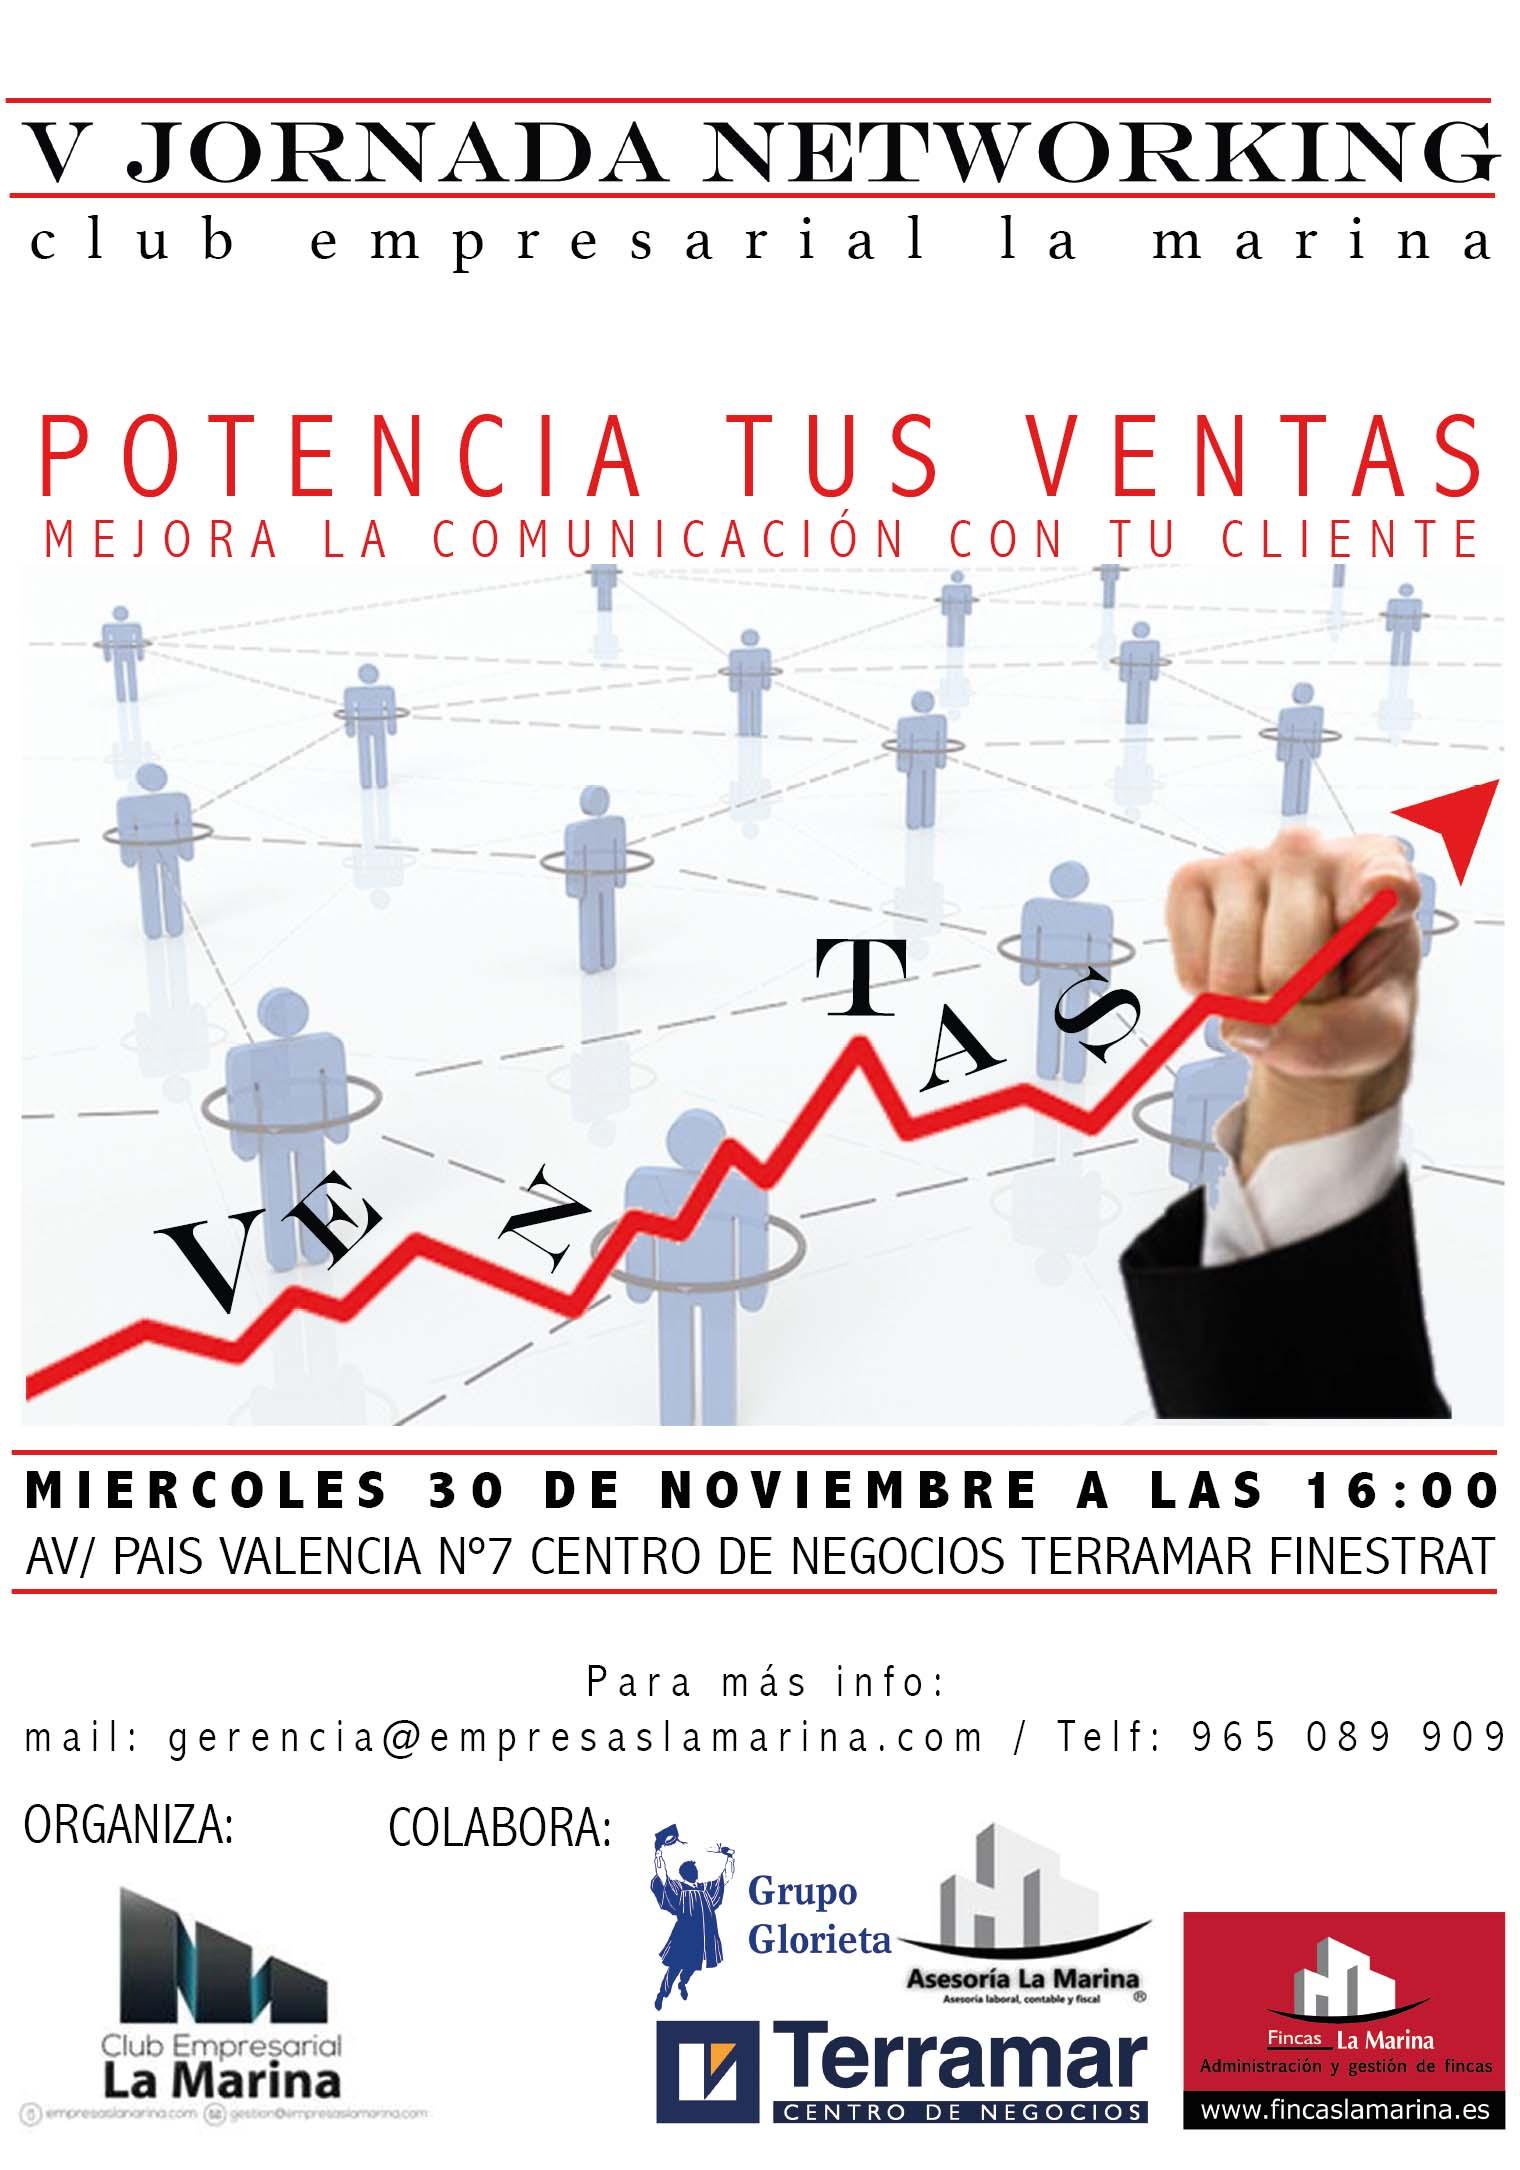 V Jornada Networking Club Empresarial La Marina en Terramar Centro de Negocios